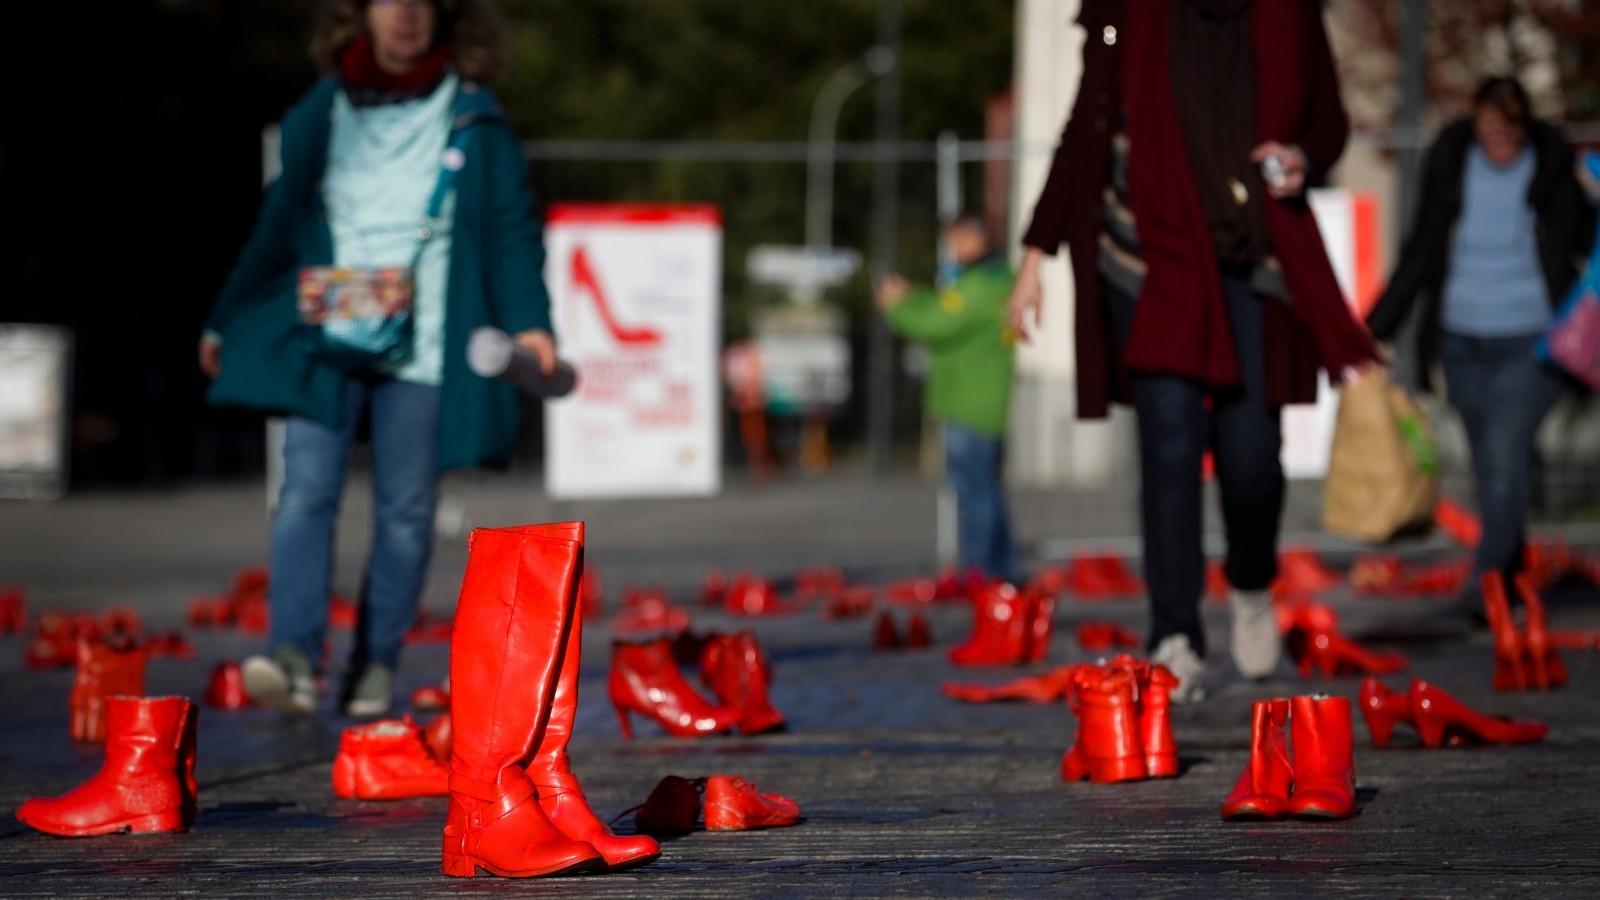 25.11.2019 | W Europie marsze, w Polsce apele o finansowanie. Jak walczyć z przemocą wobec kobiet?